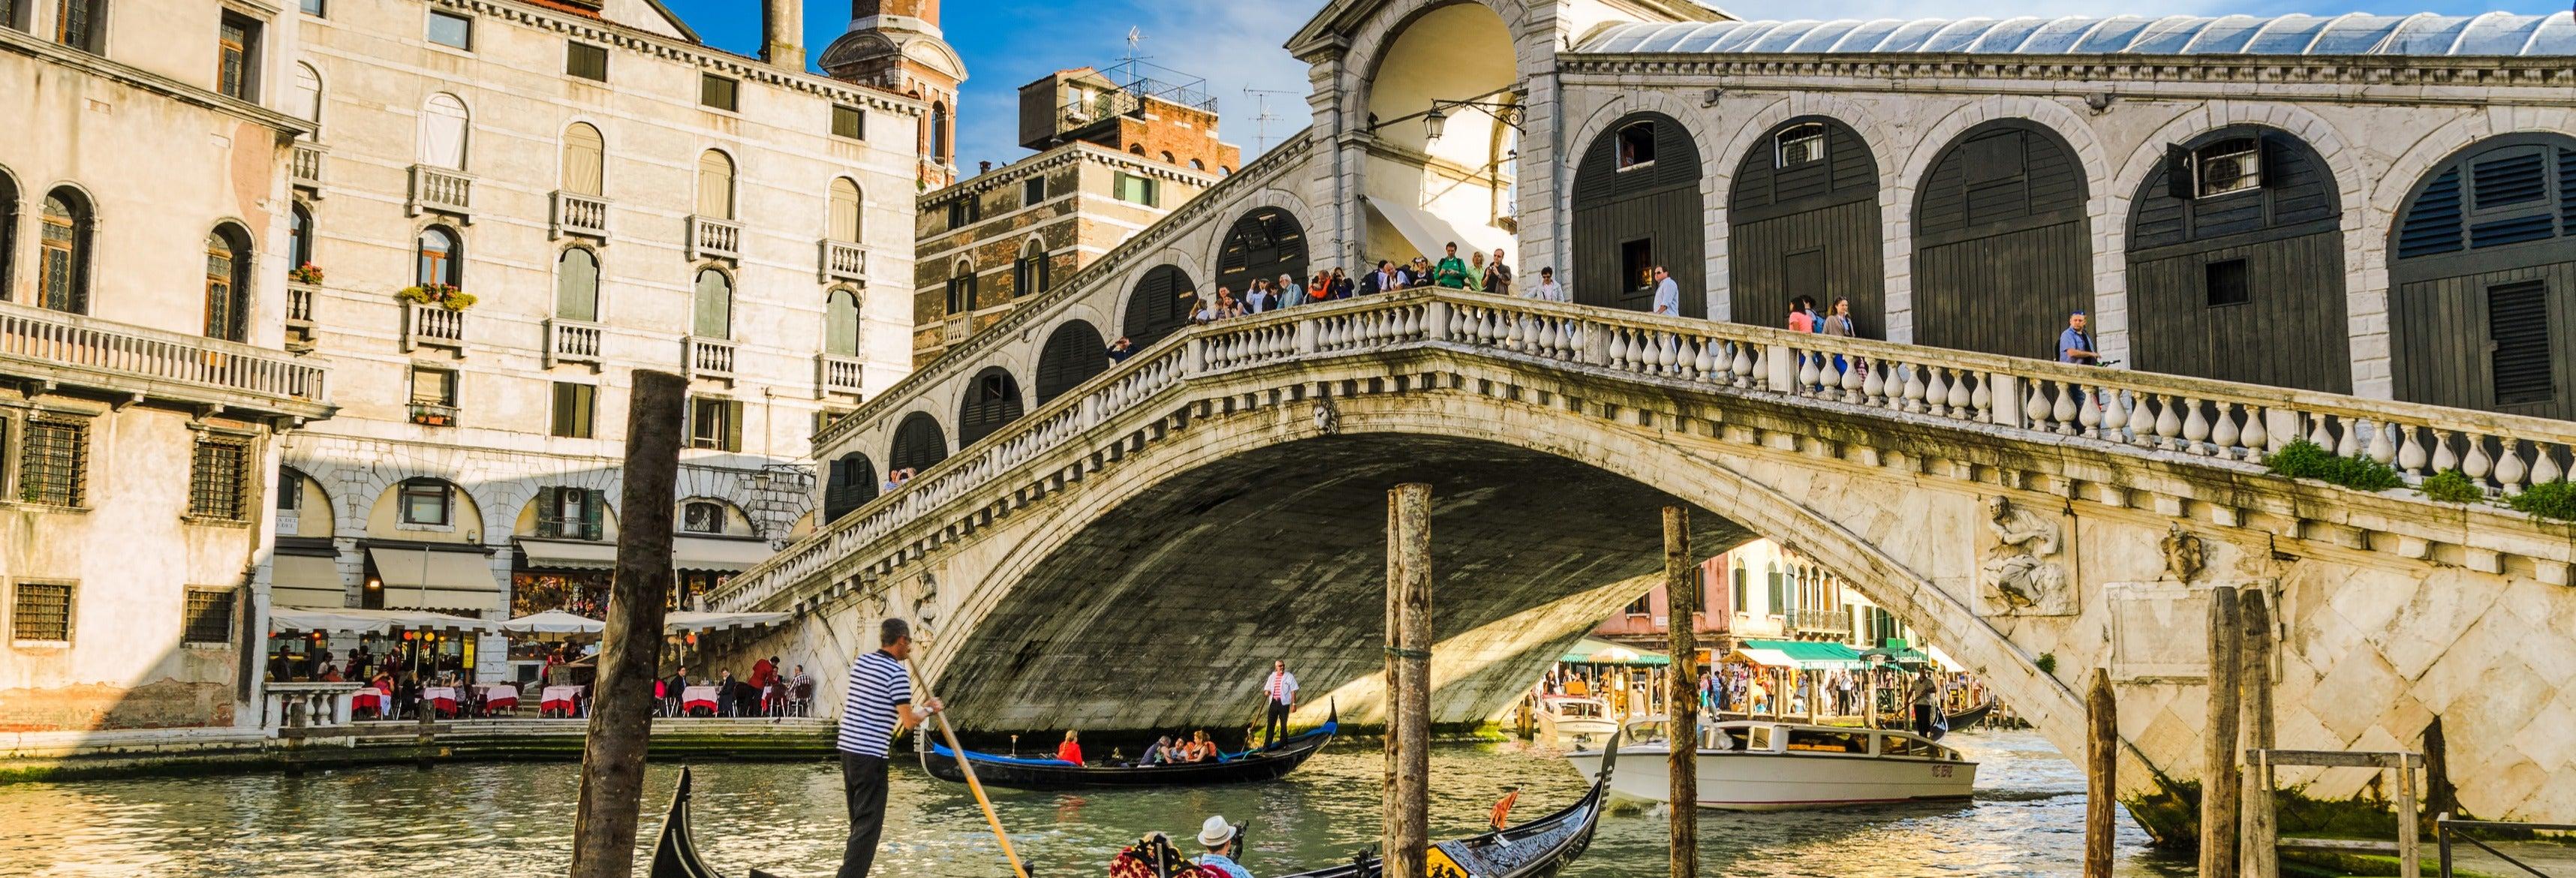 Tour de 5 dias pelo melhor da Itália